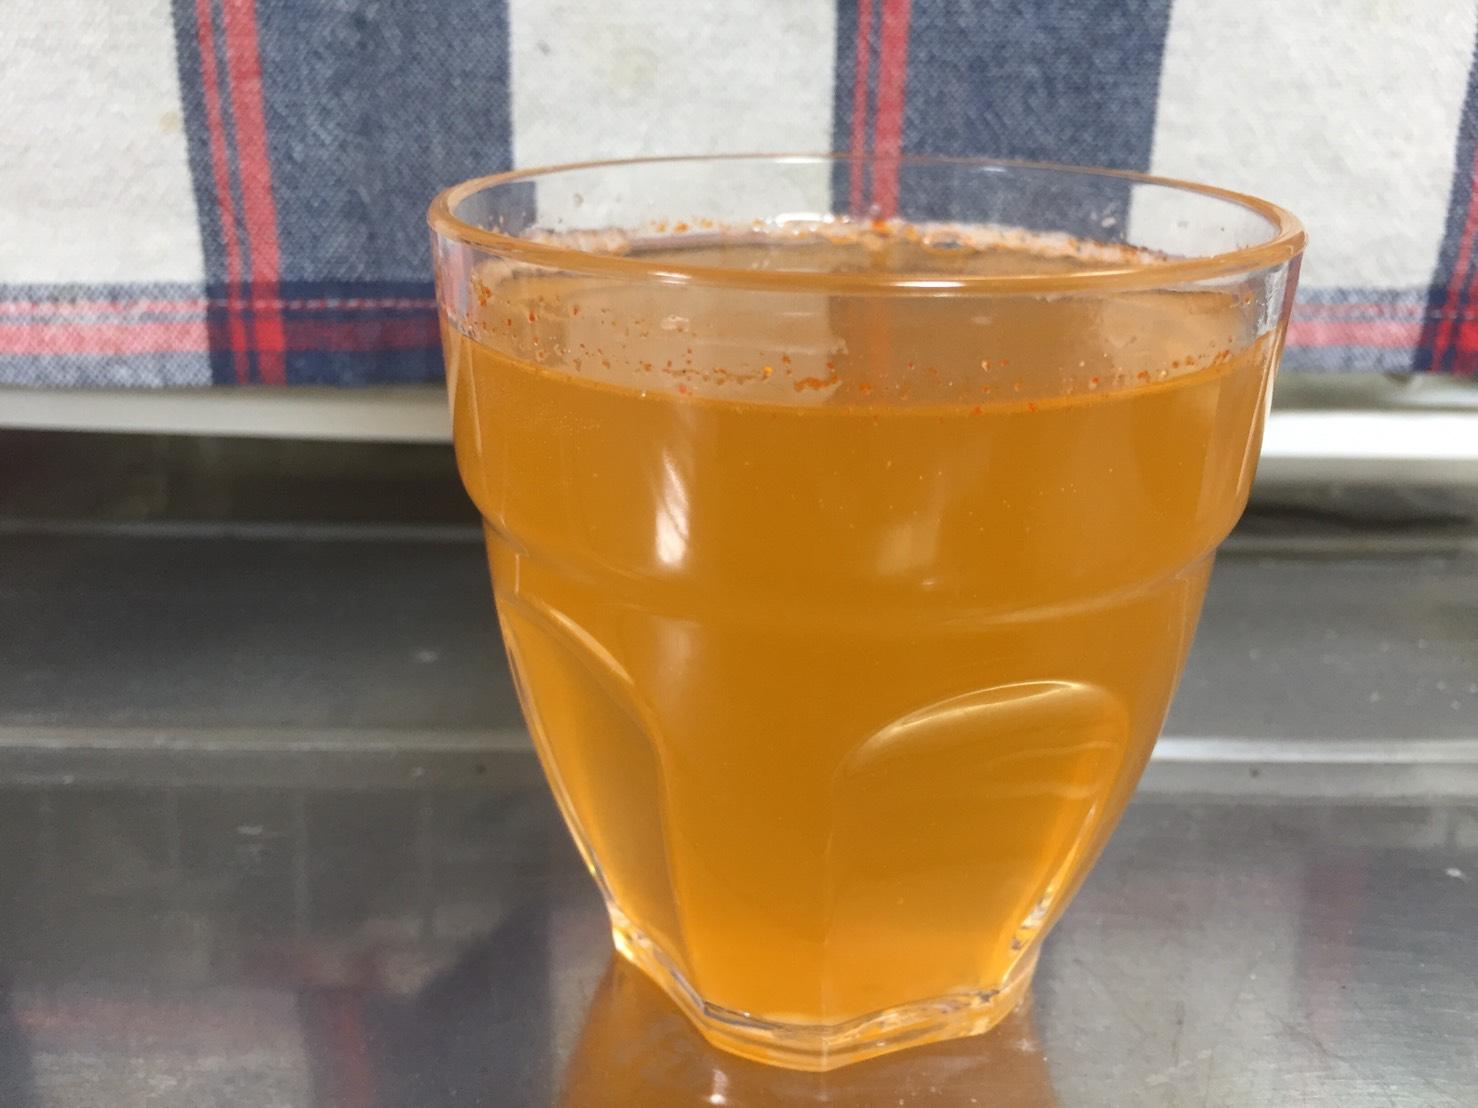 オレンジマンゴー味(ORANGE MANGO)をしばらく置いておいた様子